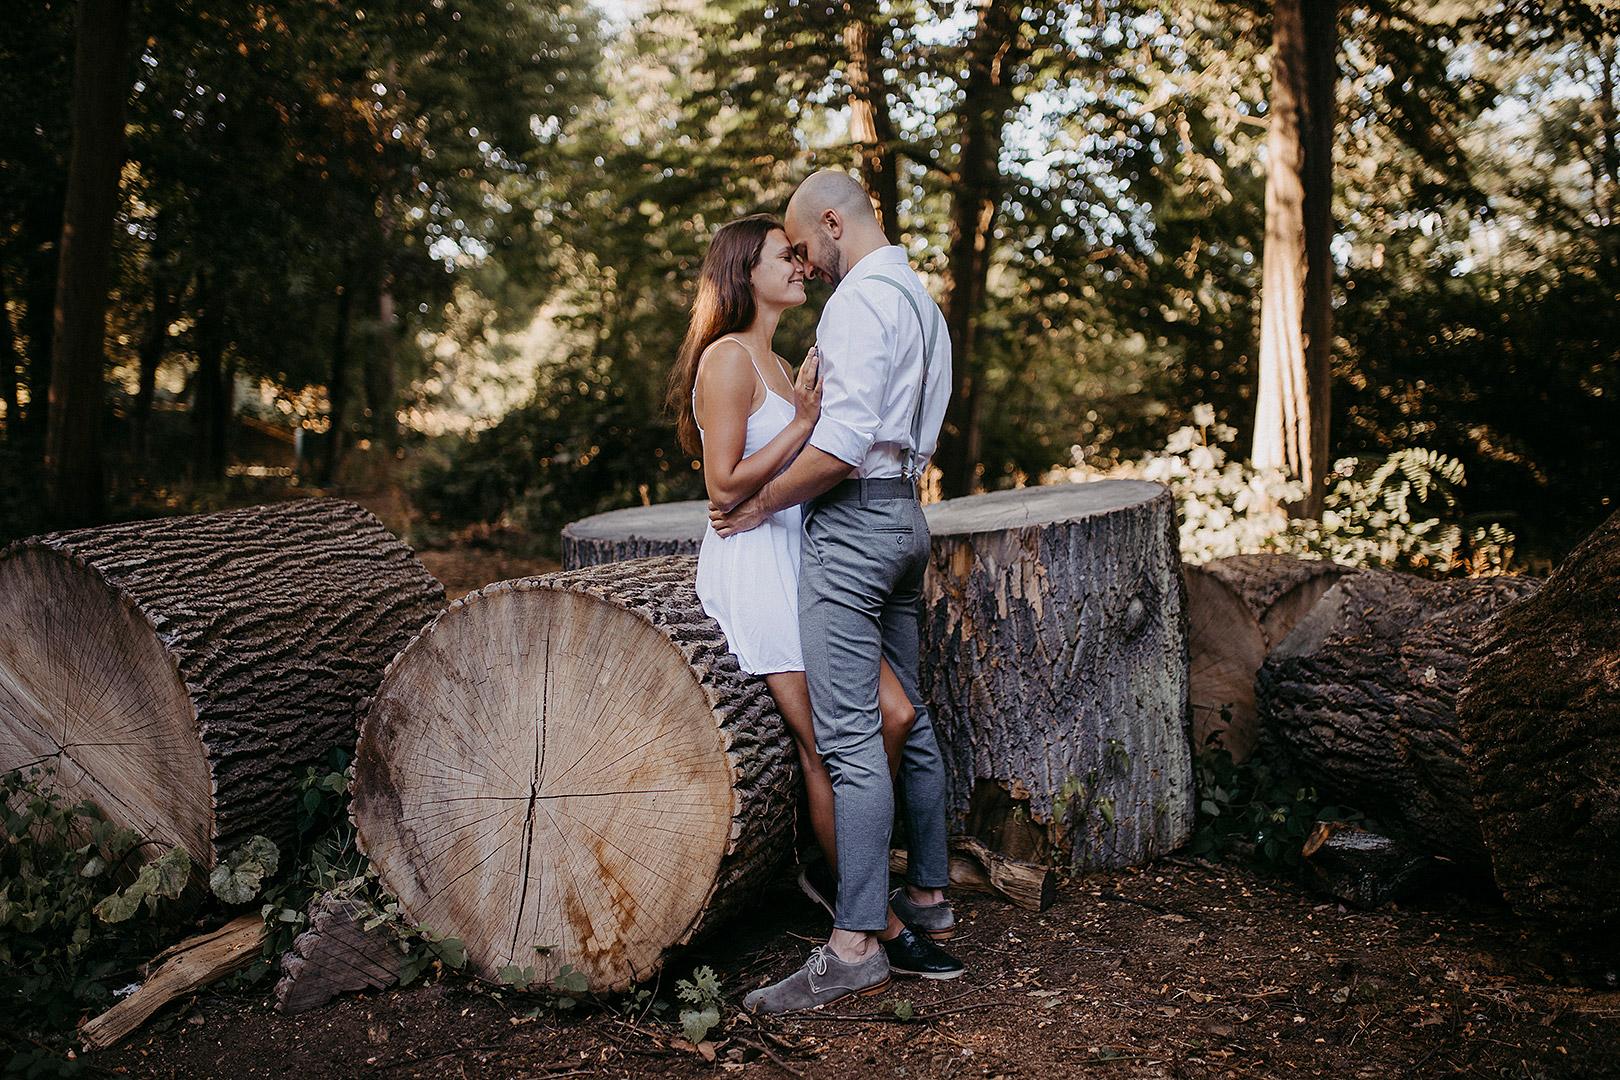 portrait_couple_micheleundfabio_5